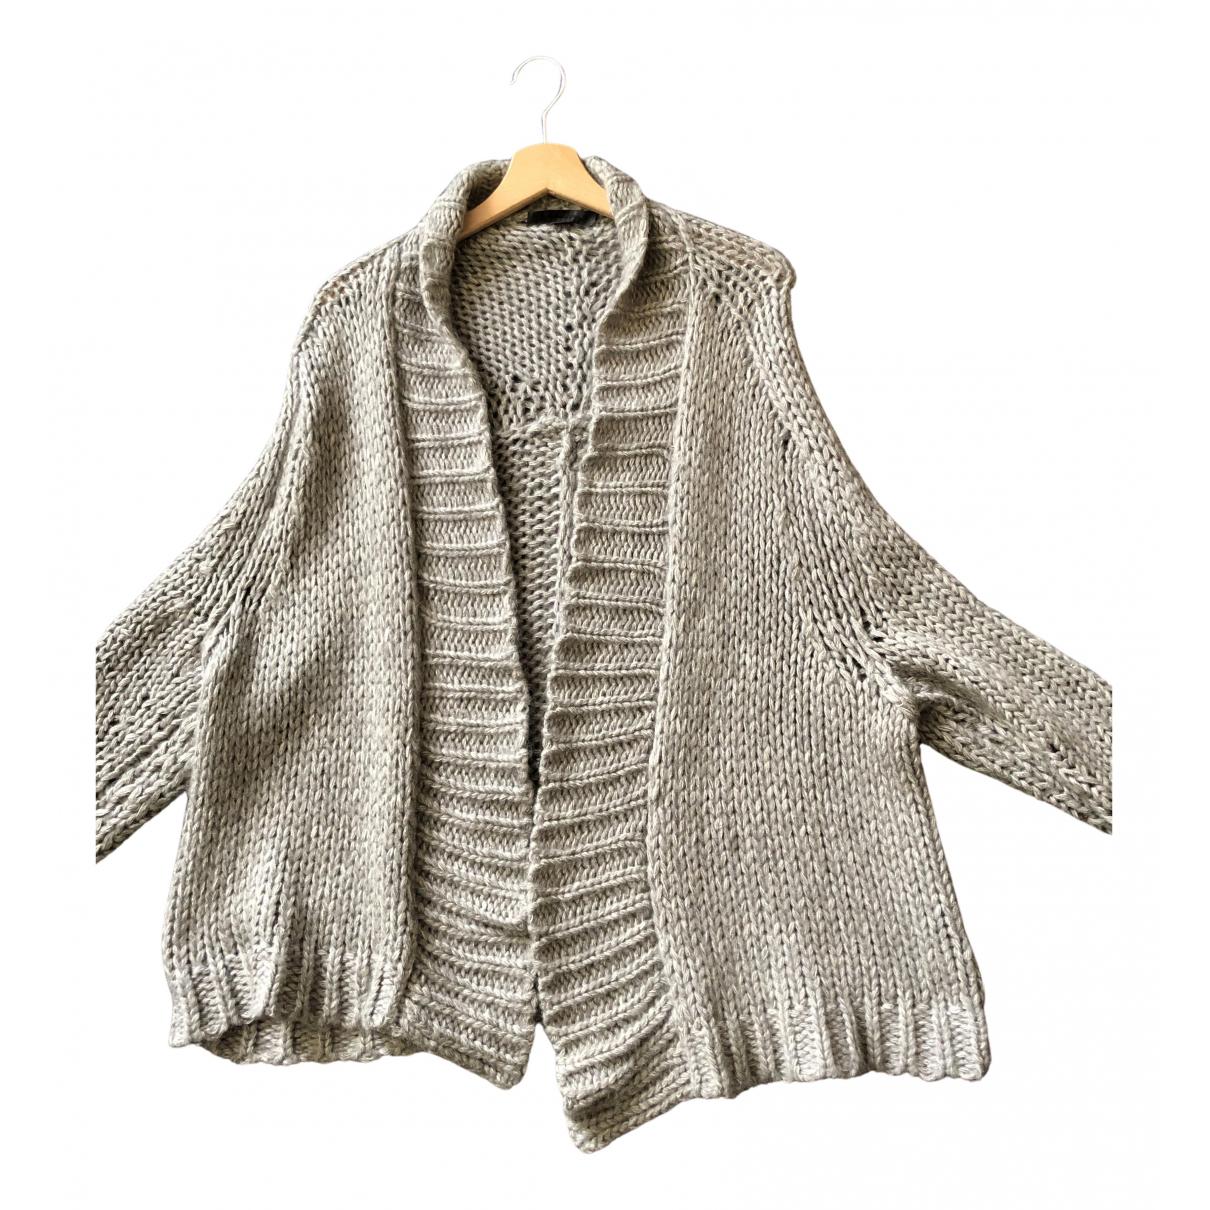 Alexander Wang N Beige Silk Knitwear for Women 36 FR